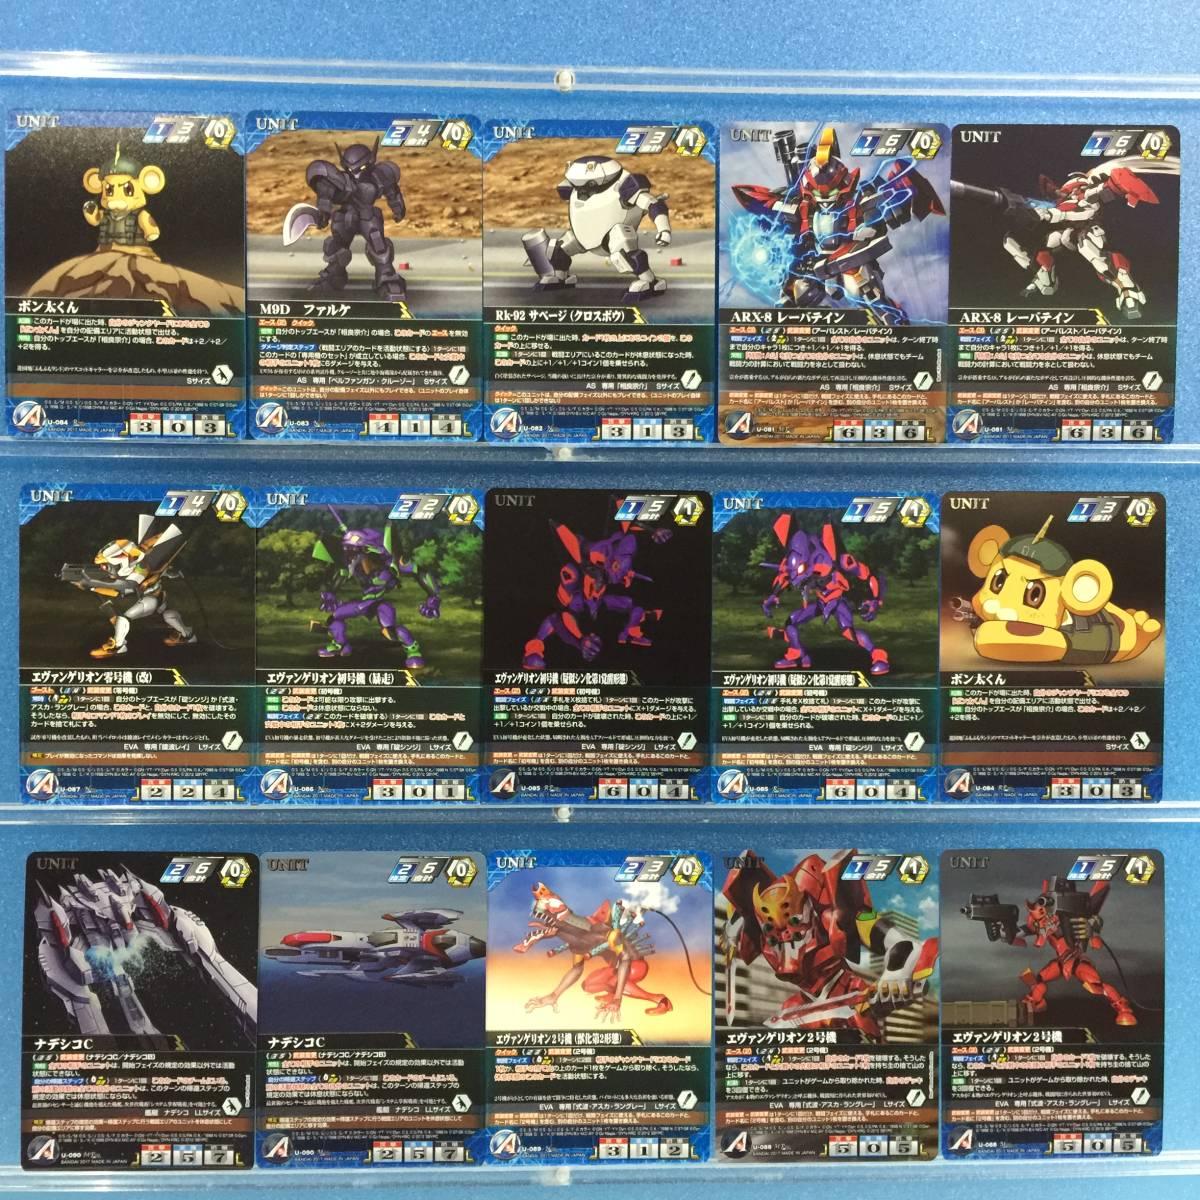 【Crusade】スーパーロボット大戦Vクルセイド 第2弾 ~果て無き激戦~(SRW-CB02) フルコンプ167枚 (全113種+パラレル54種)_画像3